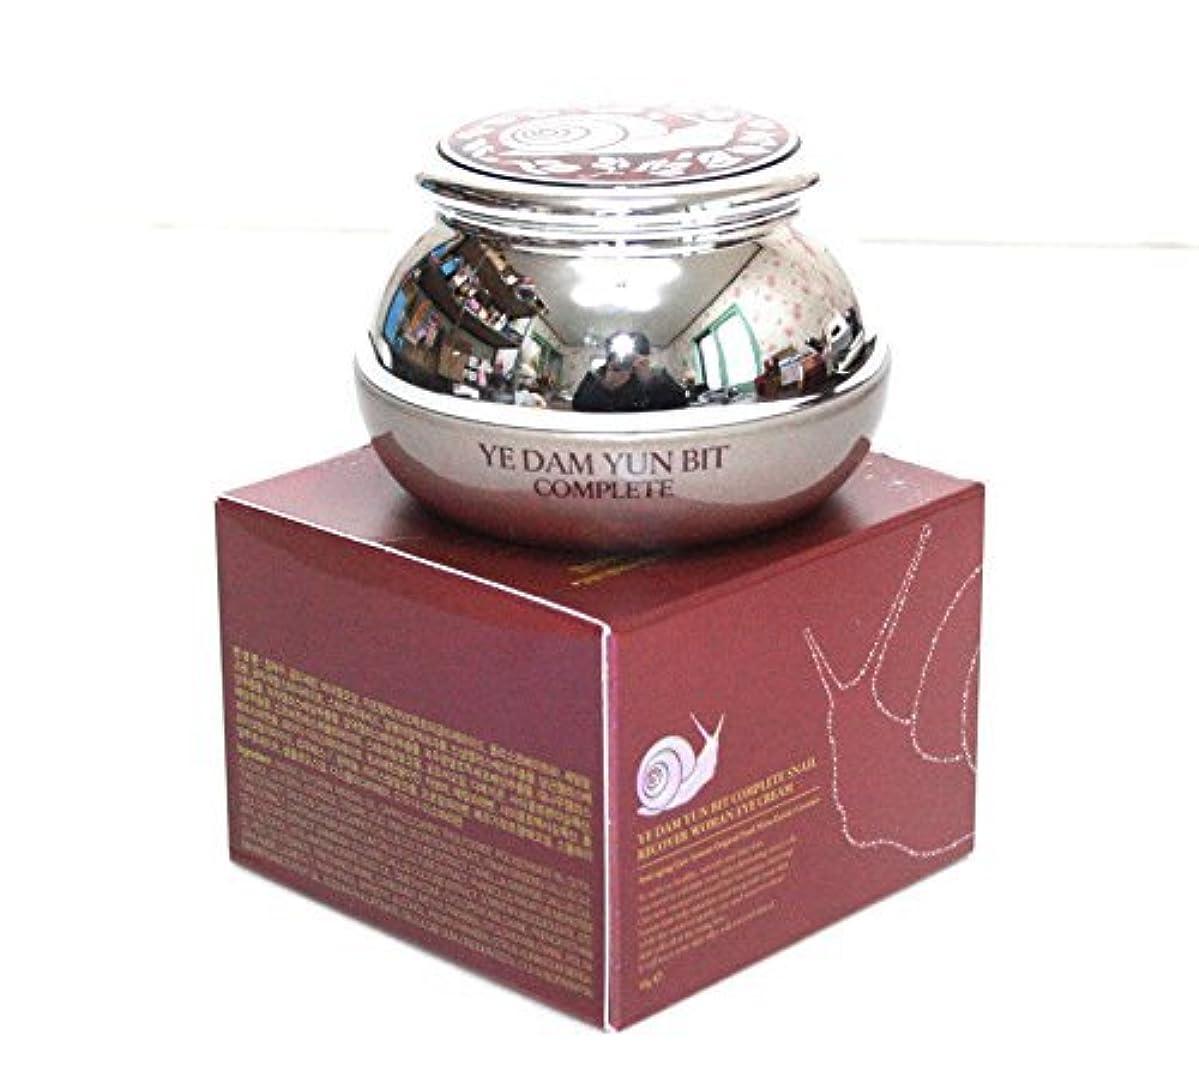 豪華な木吸い込む[YEDAM YUN BIT] スキンが完成カタツムリ回復女性のアイクリーム50ml/韓国の化粧品/COMPLETE Skin Snail Recover Woman Eye Cream 50ml/Korean cosmetics...